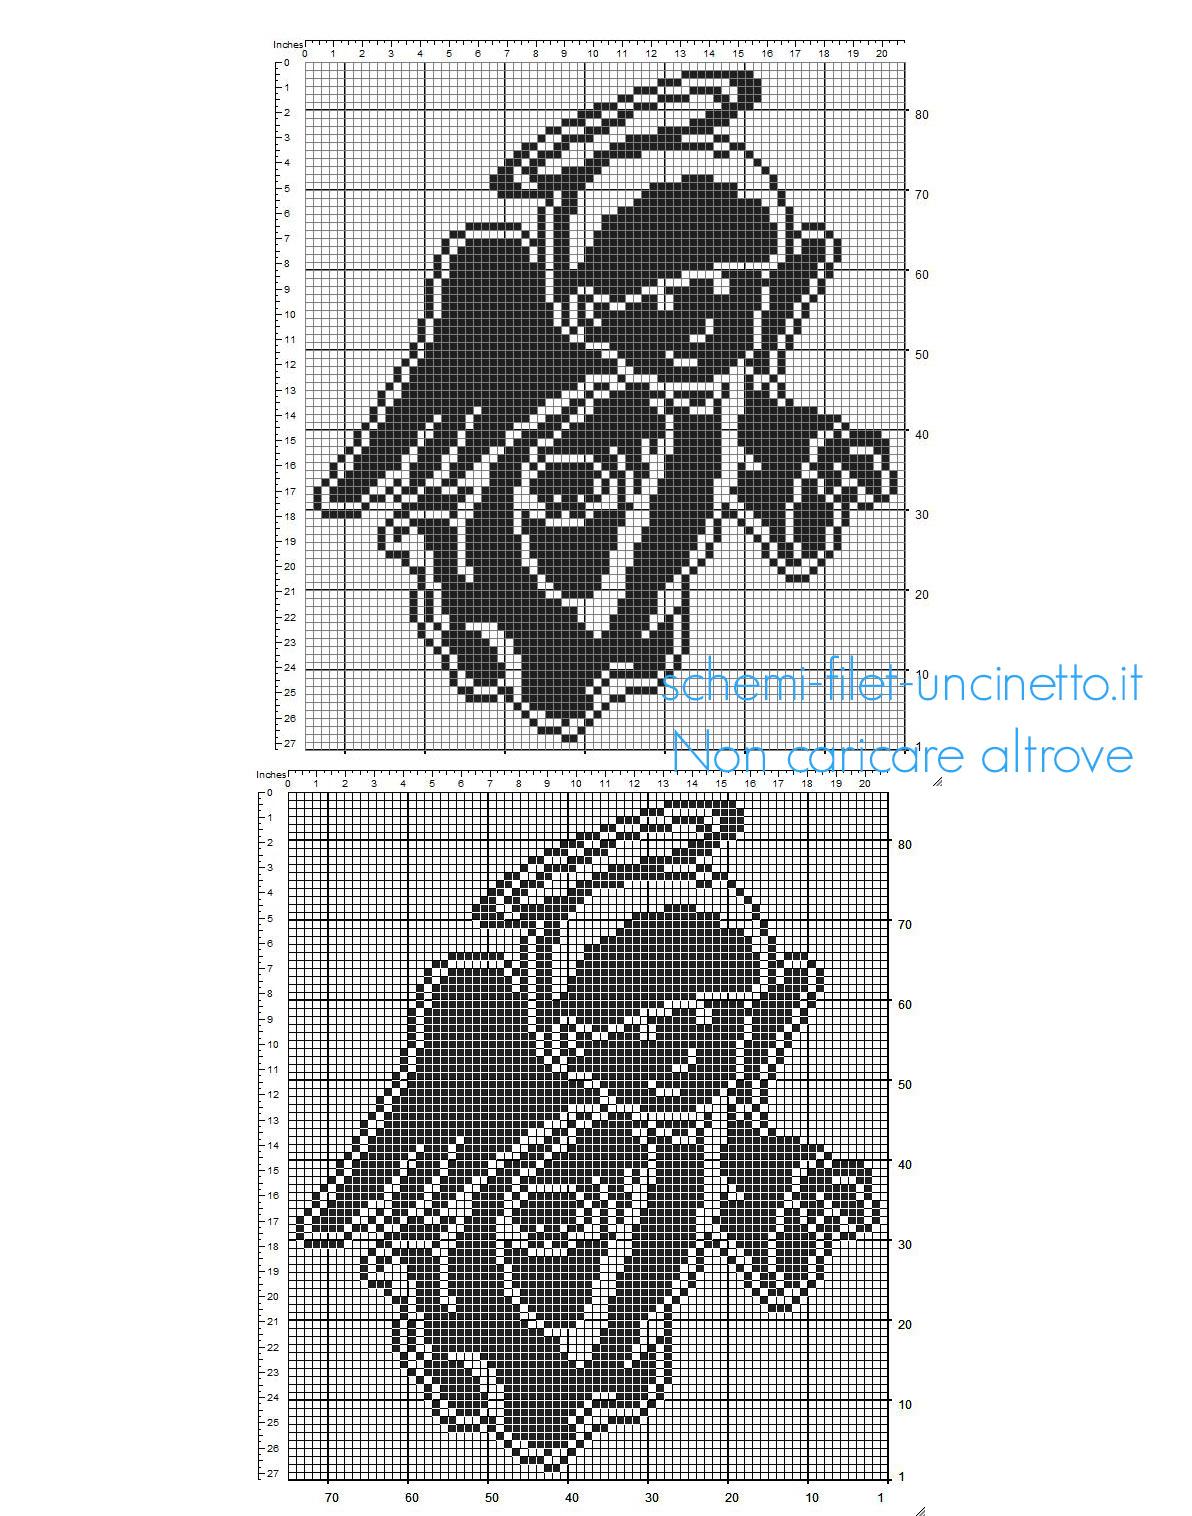 Angelo a uncinetto filet schema gratuito dimensioni 73 x 84 quadretti